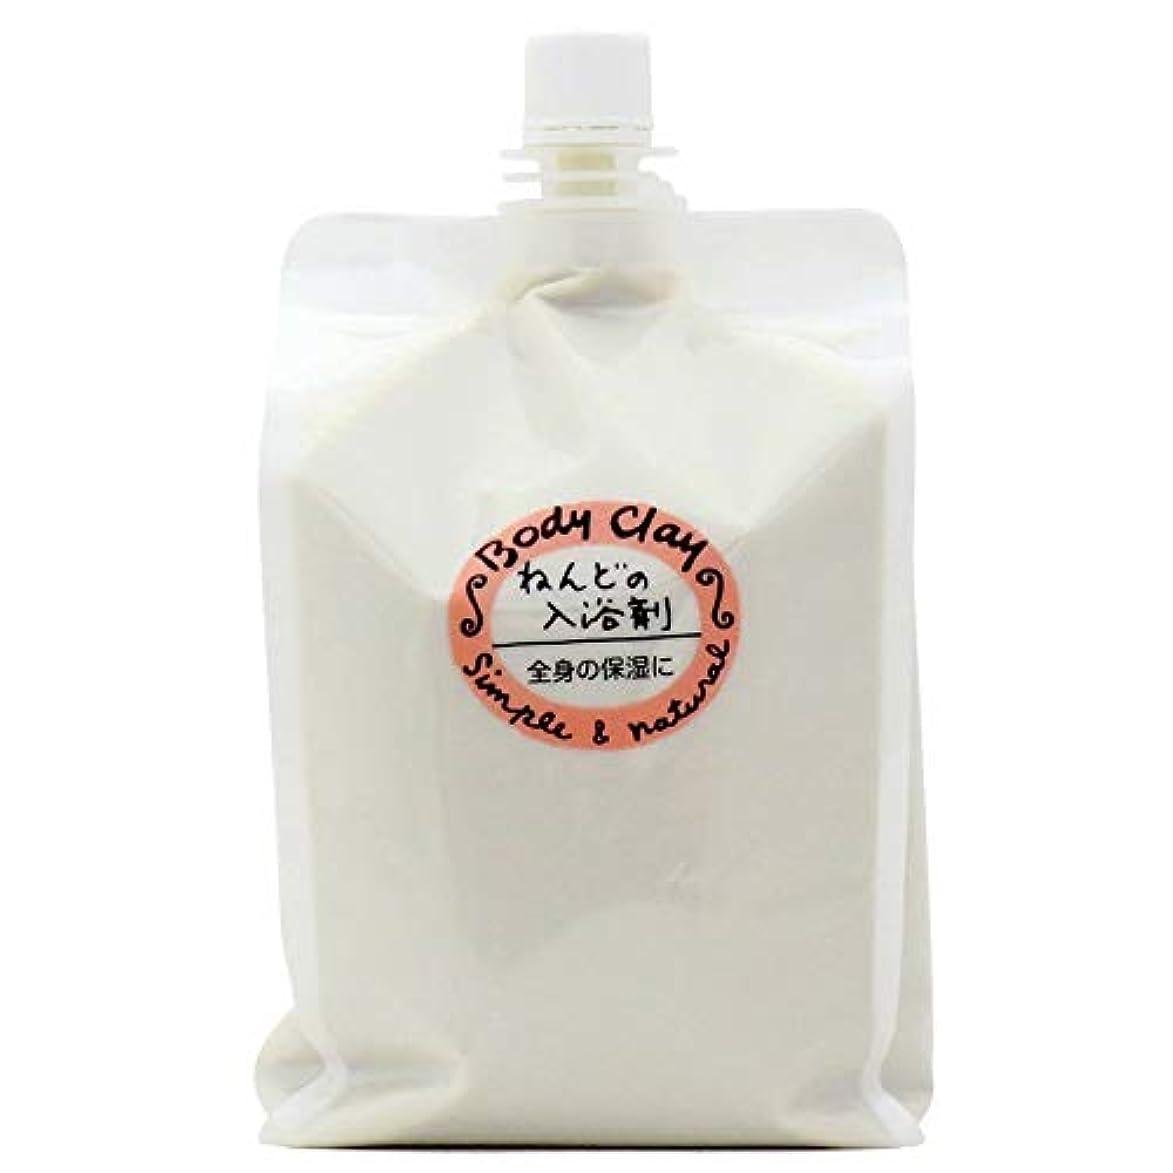 汗ミネラル異常なボディクレイ ねんどの入浴剤 お徳用サイズ 1200g